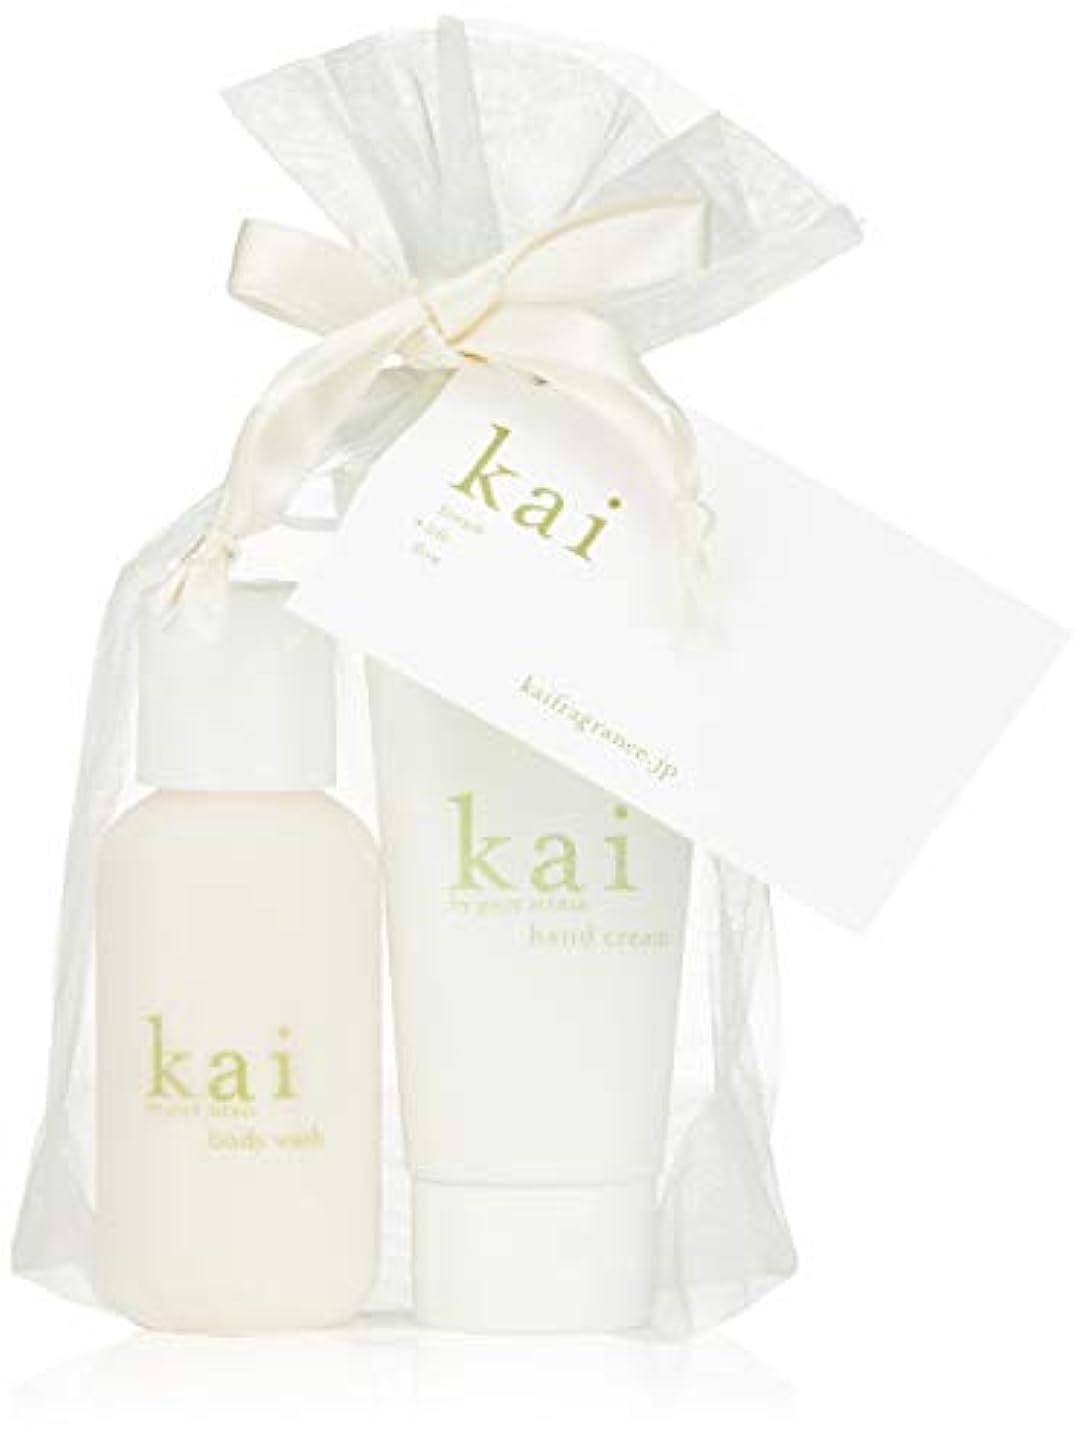 相反するスライム機知に富んだkai fragrance(カイ フレグランス) ハンドクリーム&ミニボディウォッシュ 59×2ml